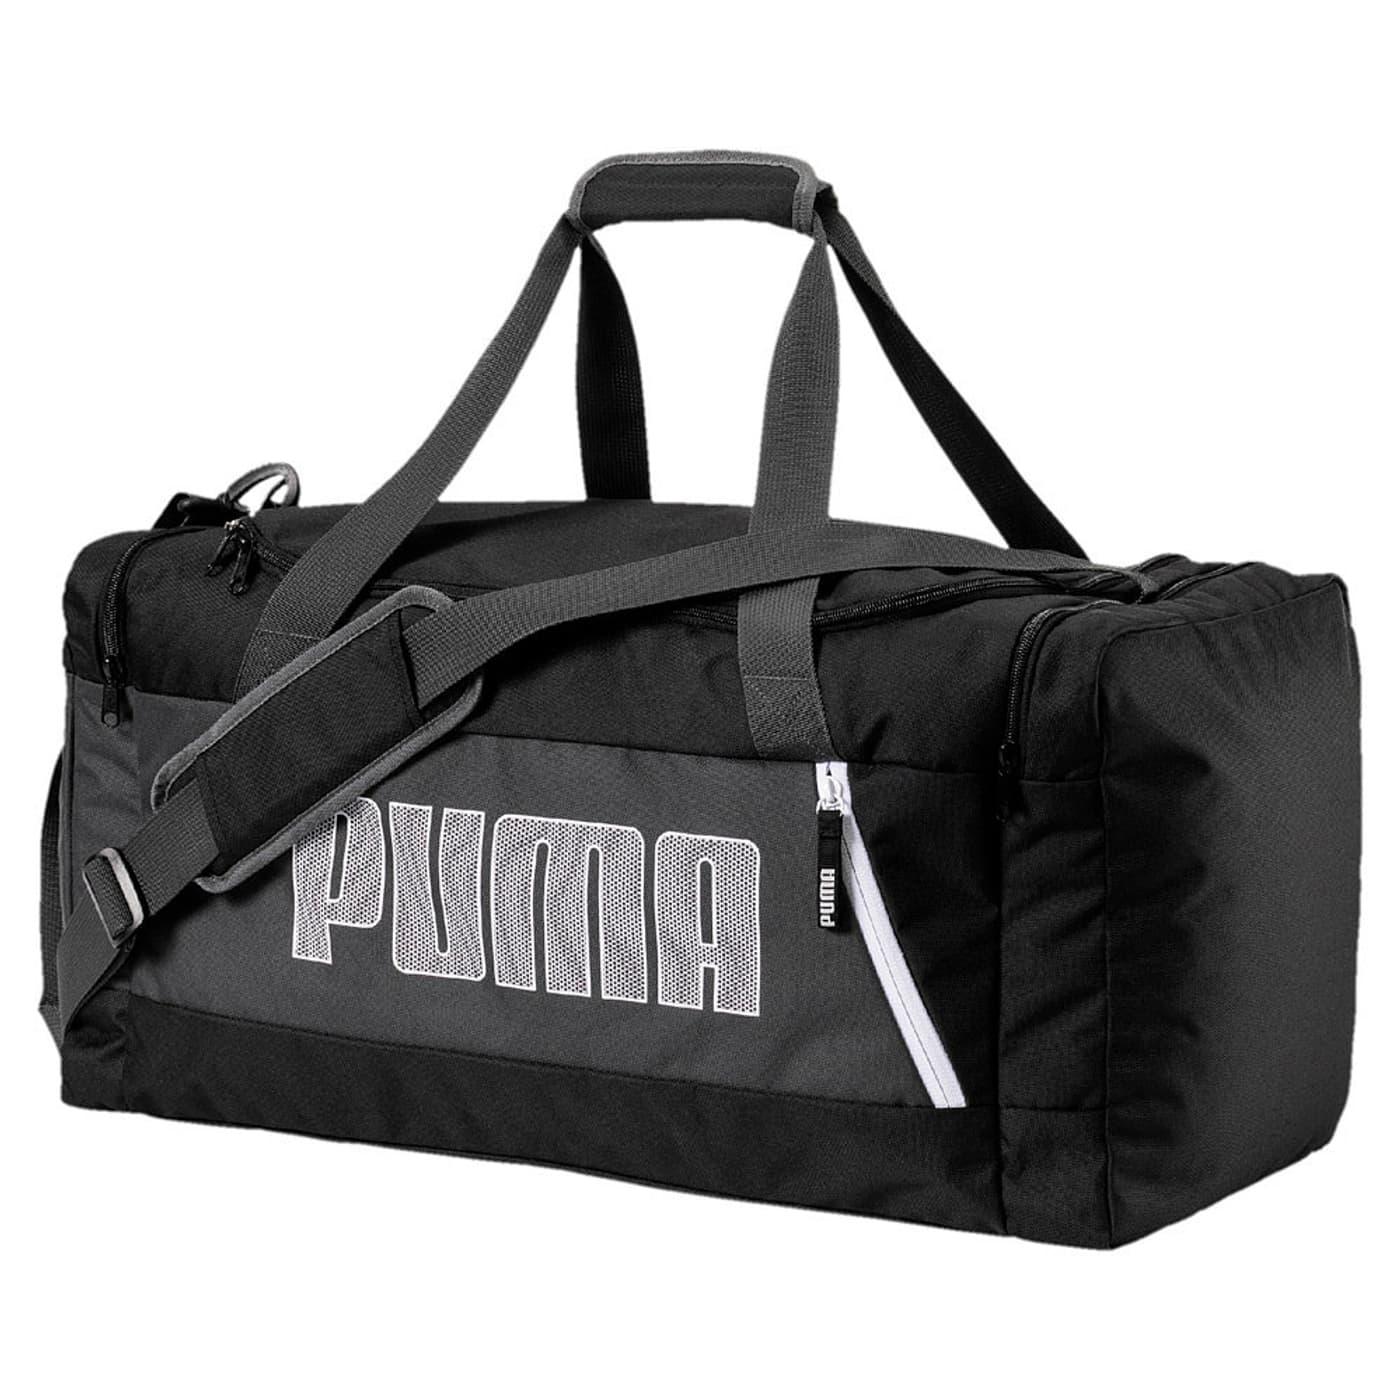 f9674449d53d8 Puma Fundamentals Sports Bag M II Sporttasche